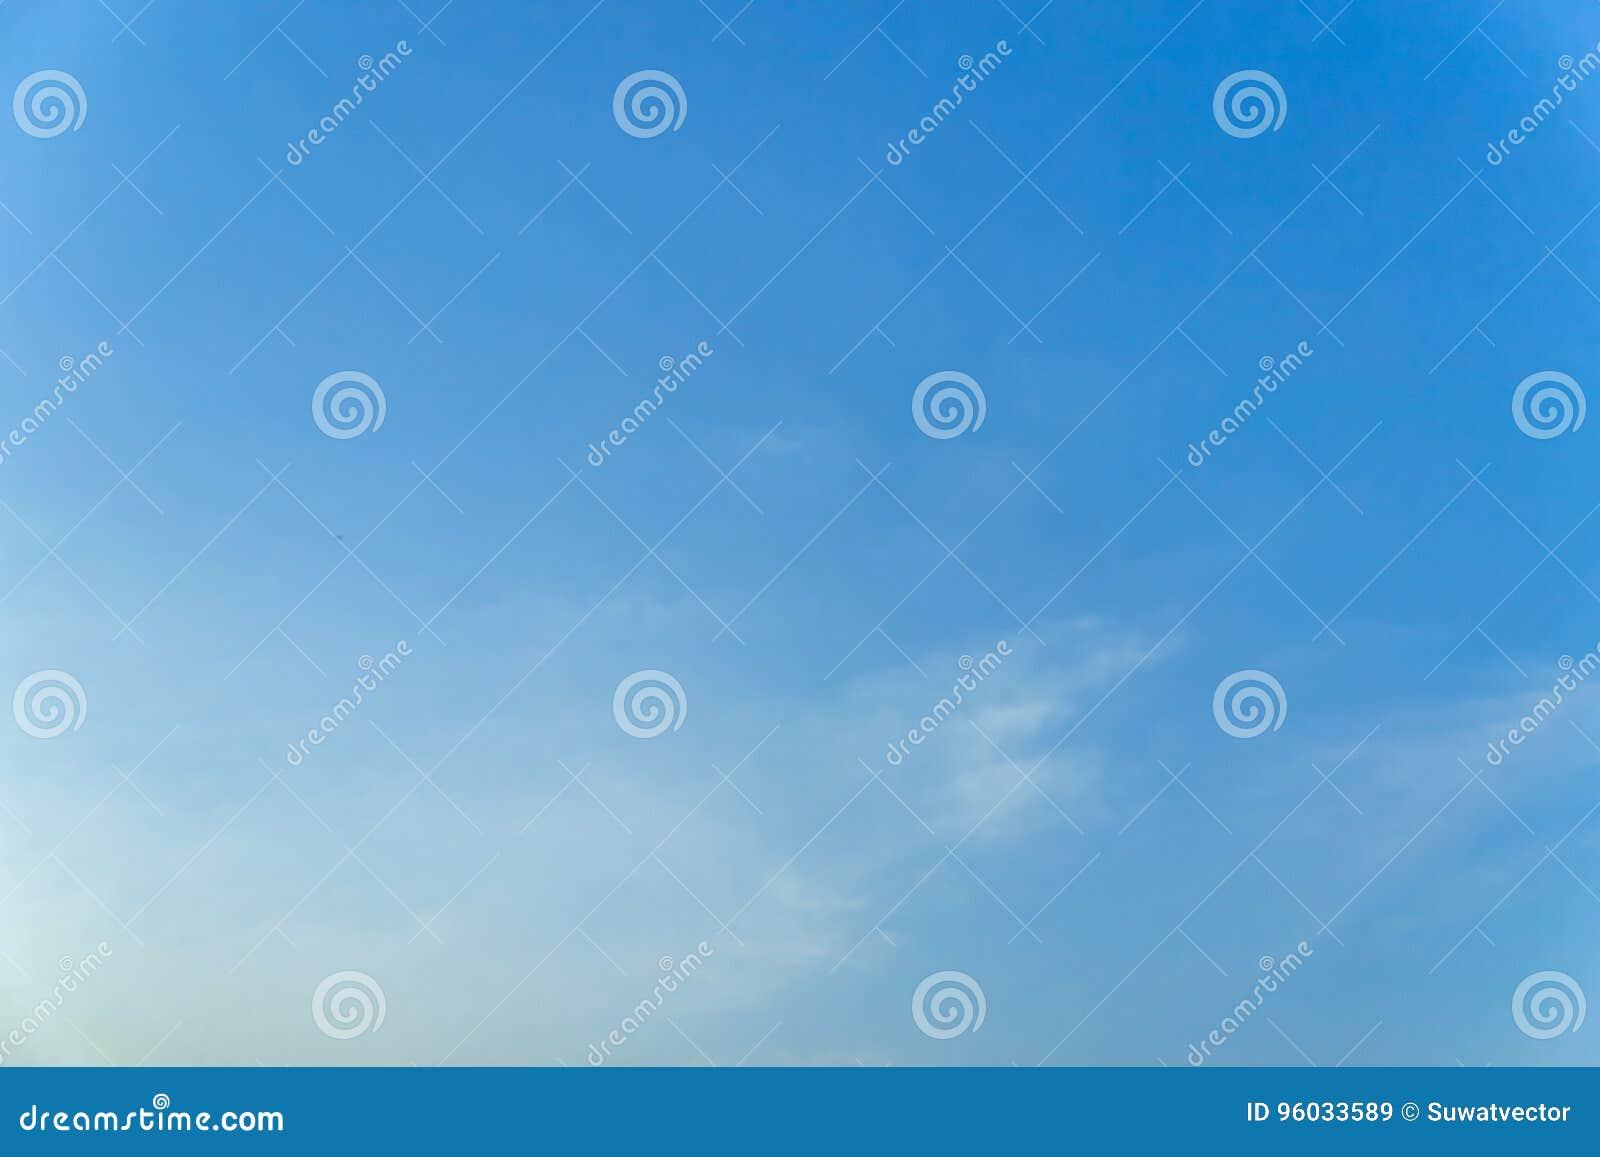 Błękitny tło w powietrzu